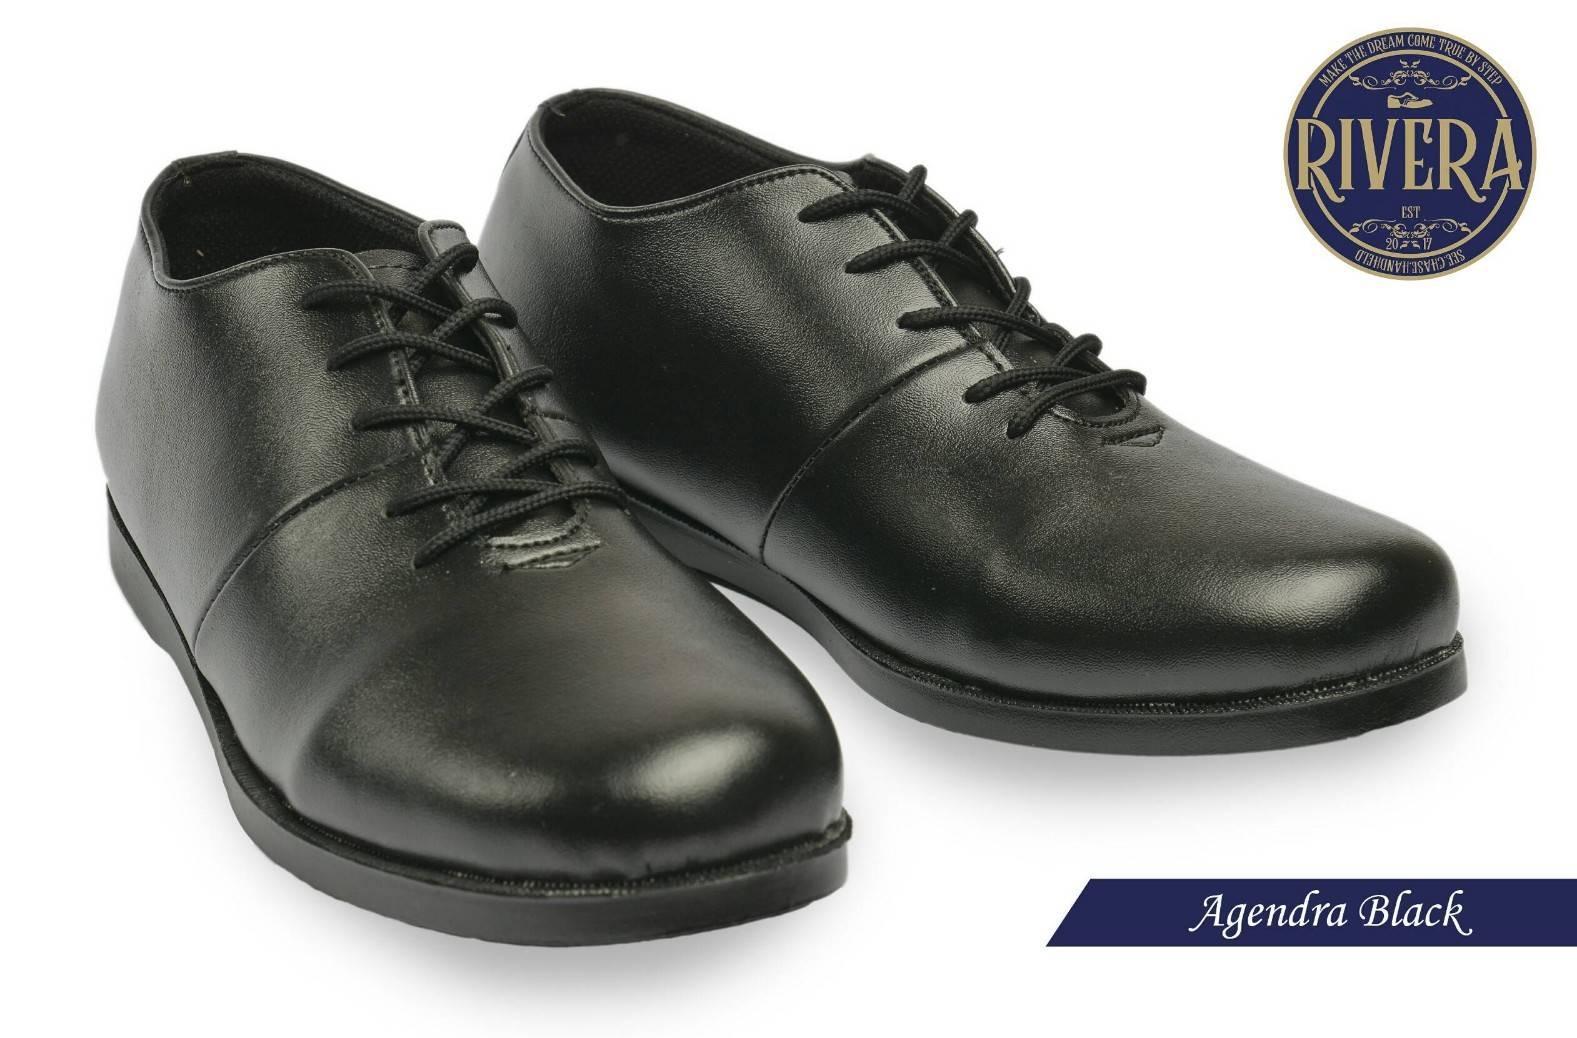 Rivera Blue Day Pearl And Night Cream 10g Spec Dan Daftar Harga Sepatu Casual Sneakers Pria 7215 Black Formal Agndra